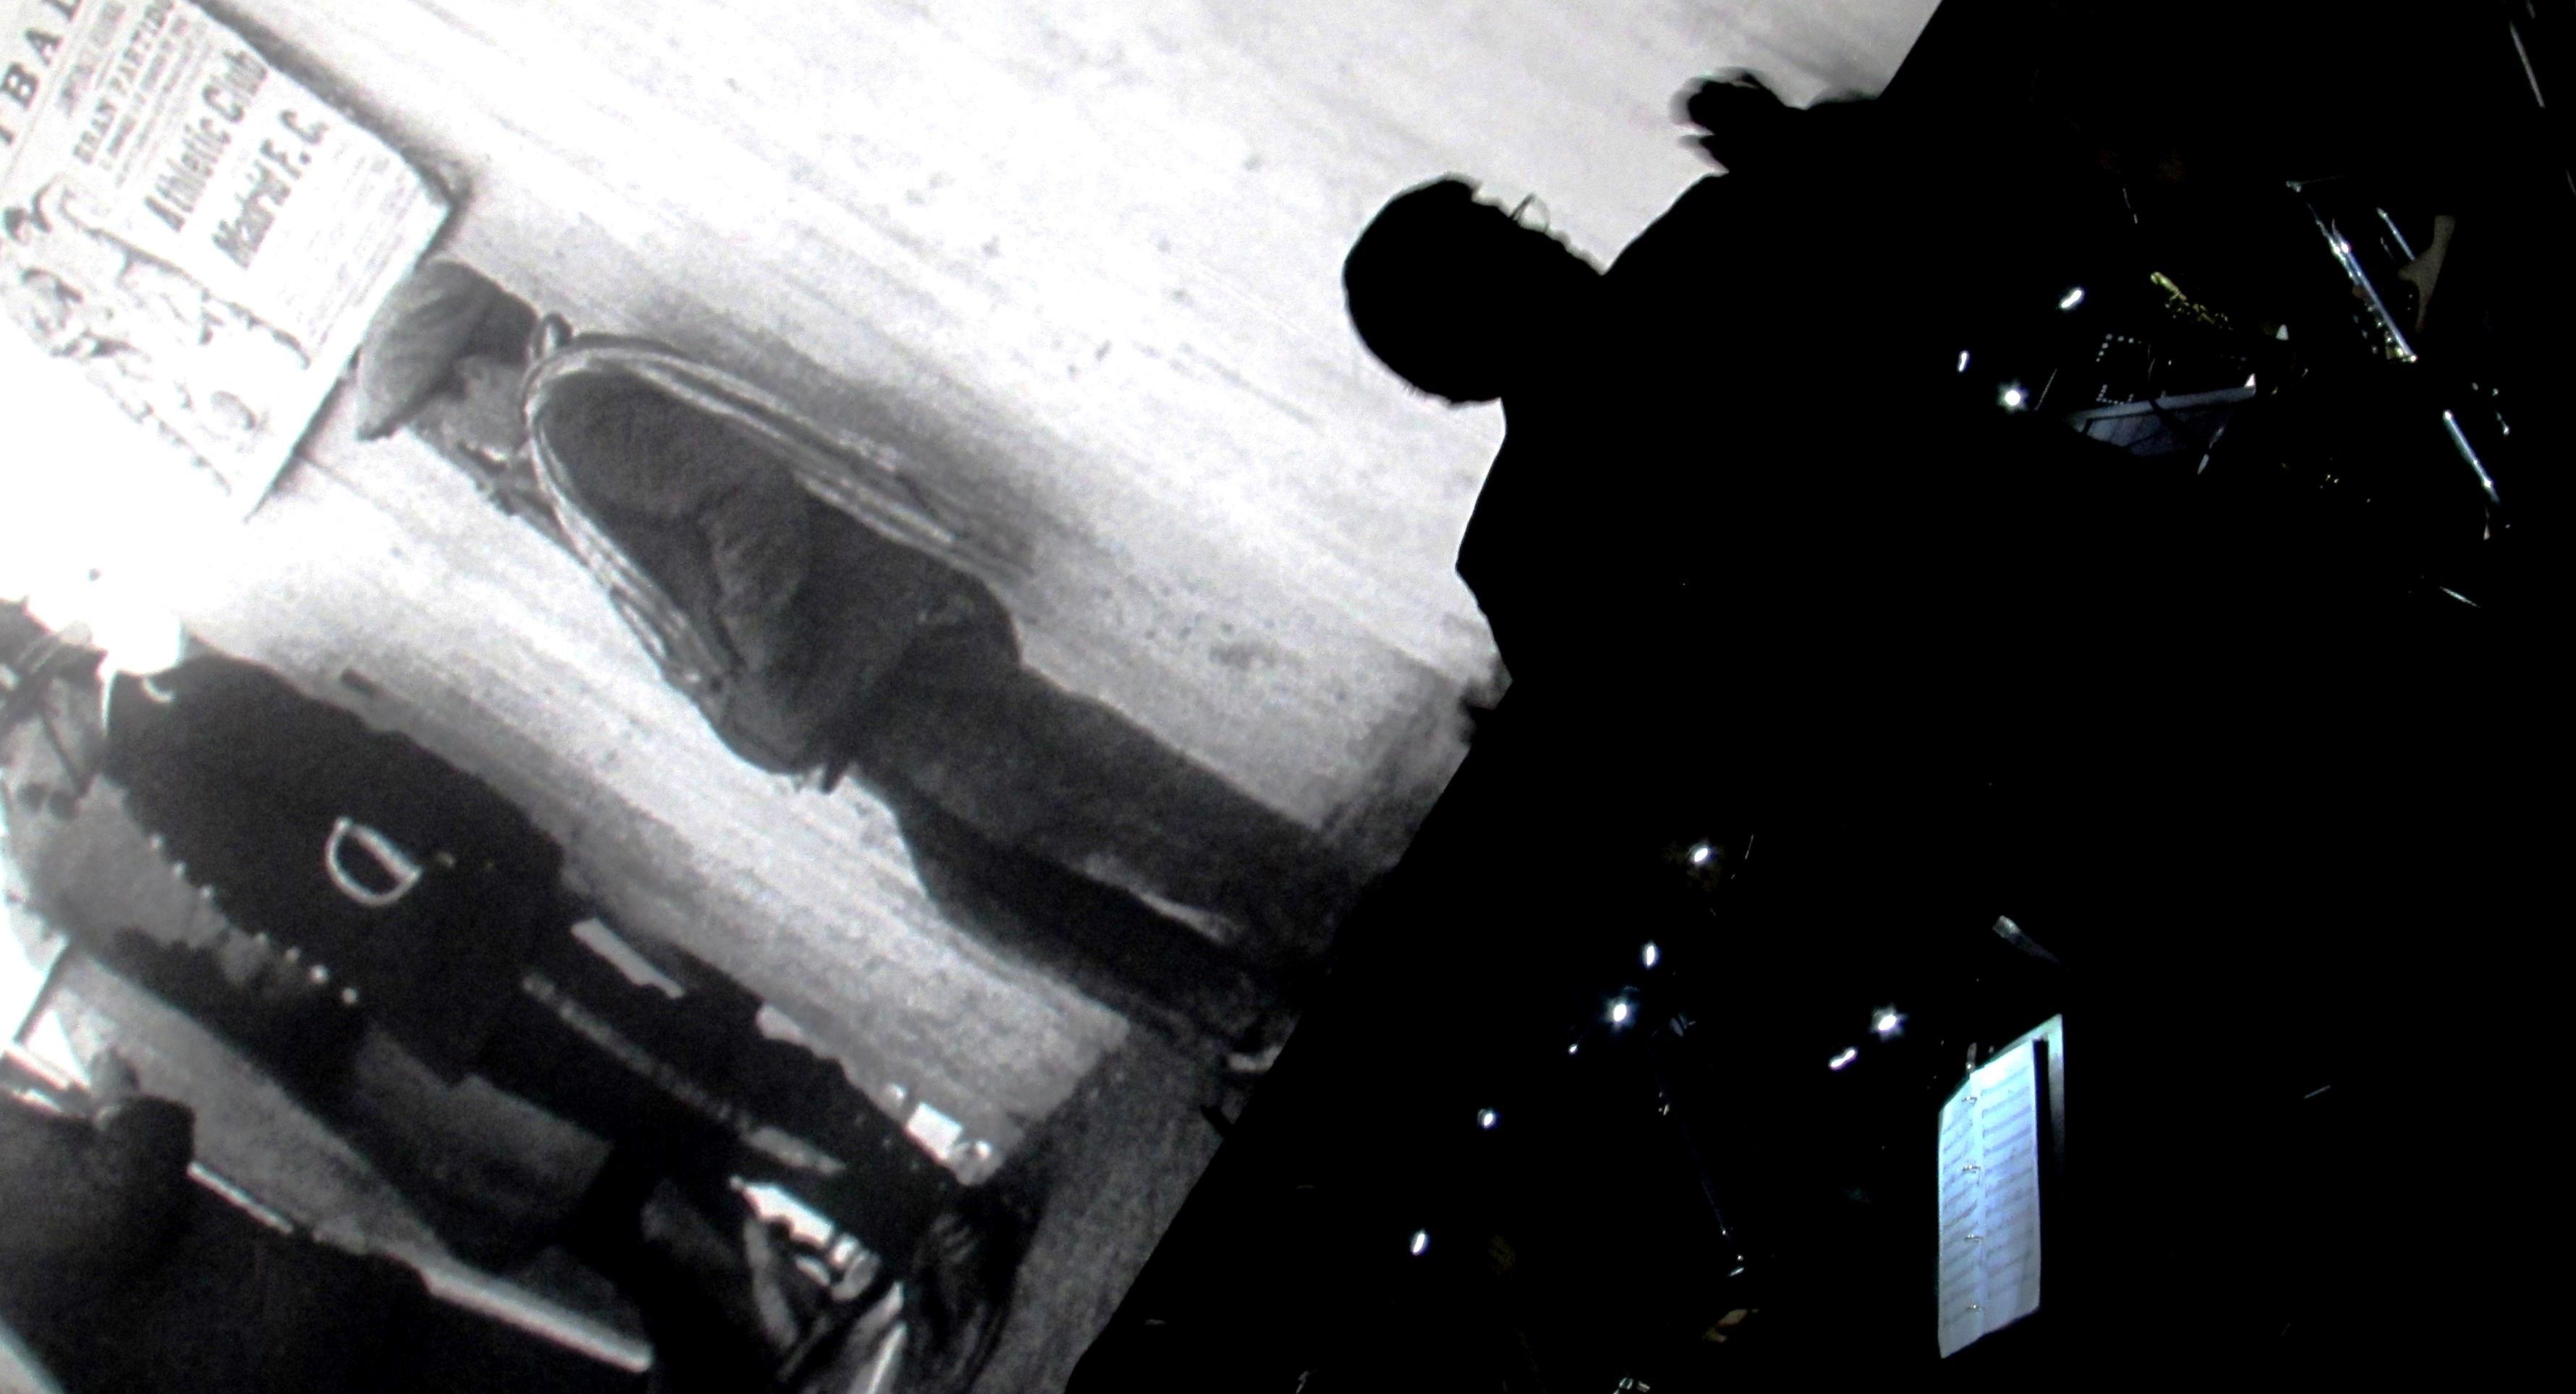 Instantánea de la orquesta interpretando la partitura de Taramasco durante la proyección - Foto: El Inquilino Digital